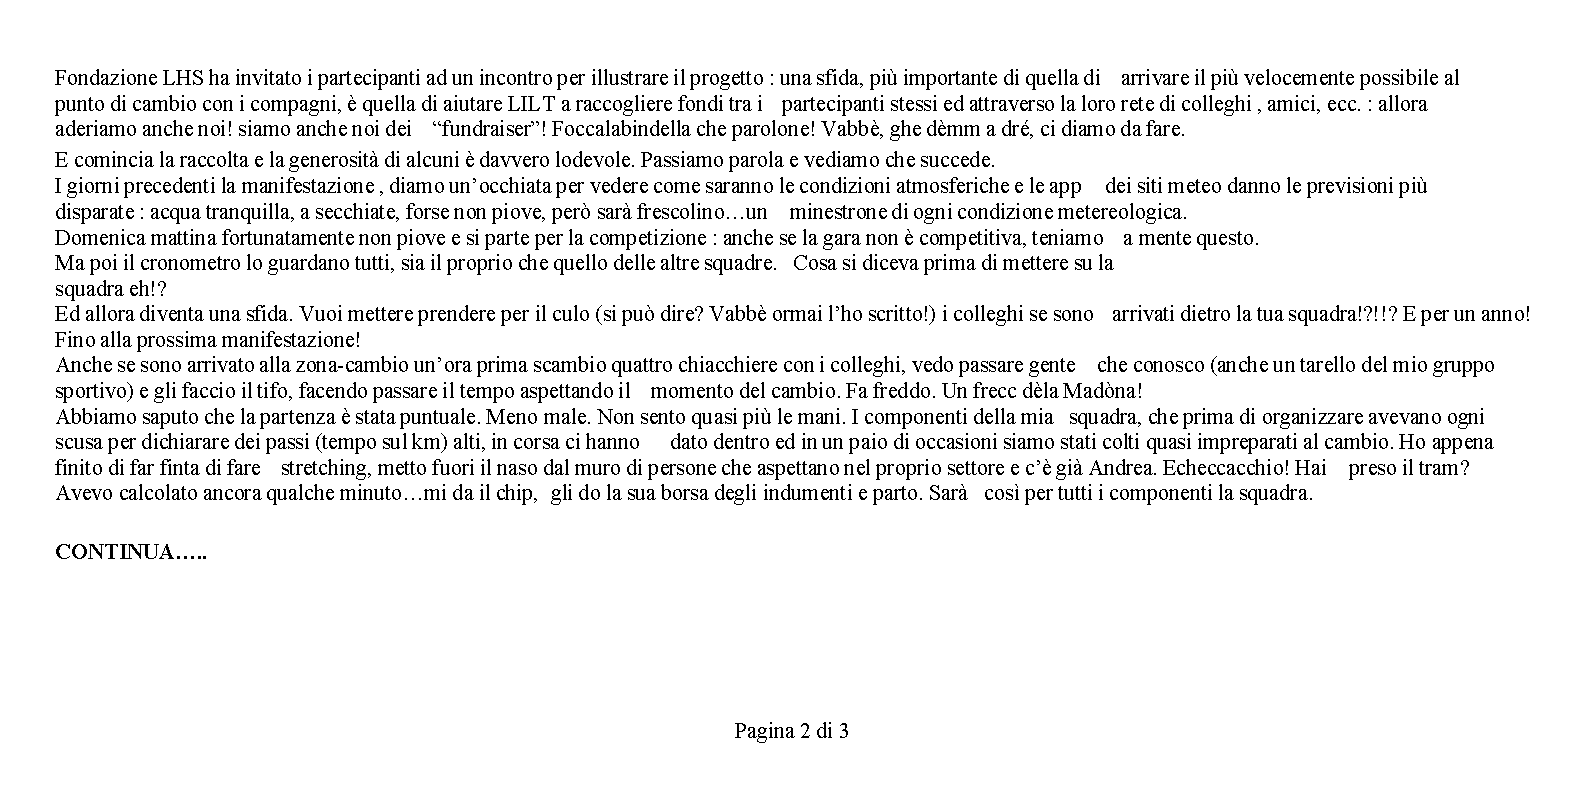 Fondazione LHS 42-Andrea Cesale